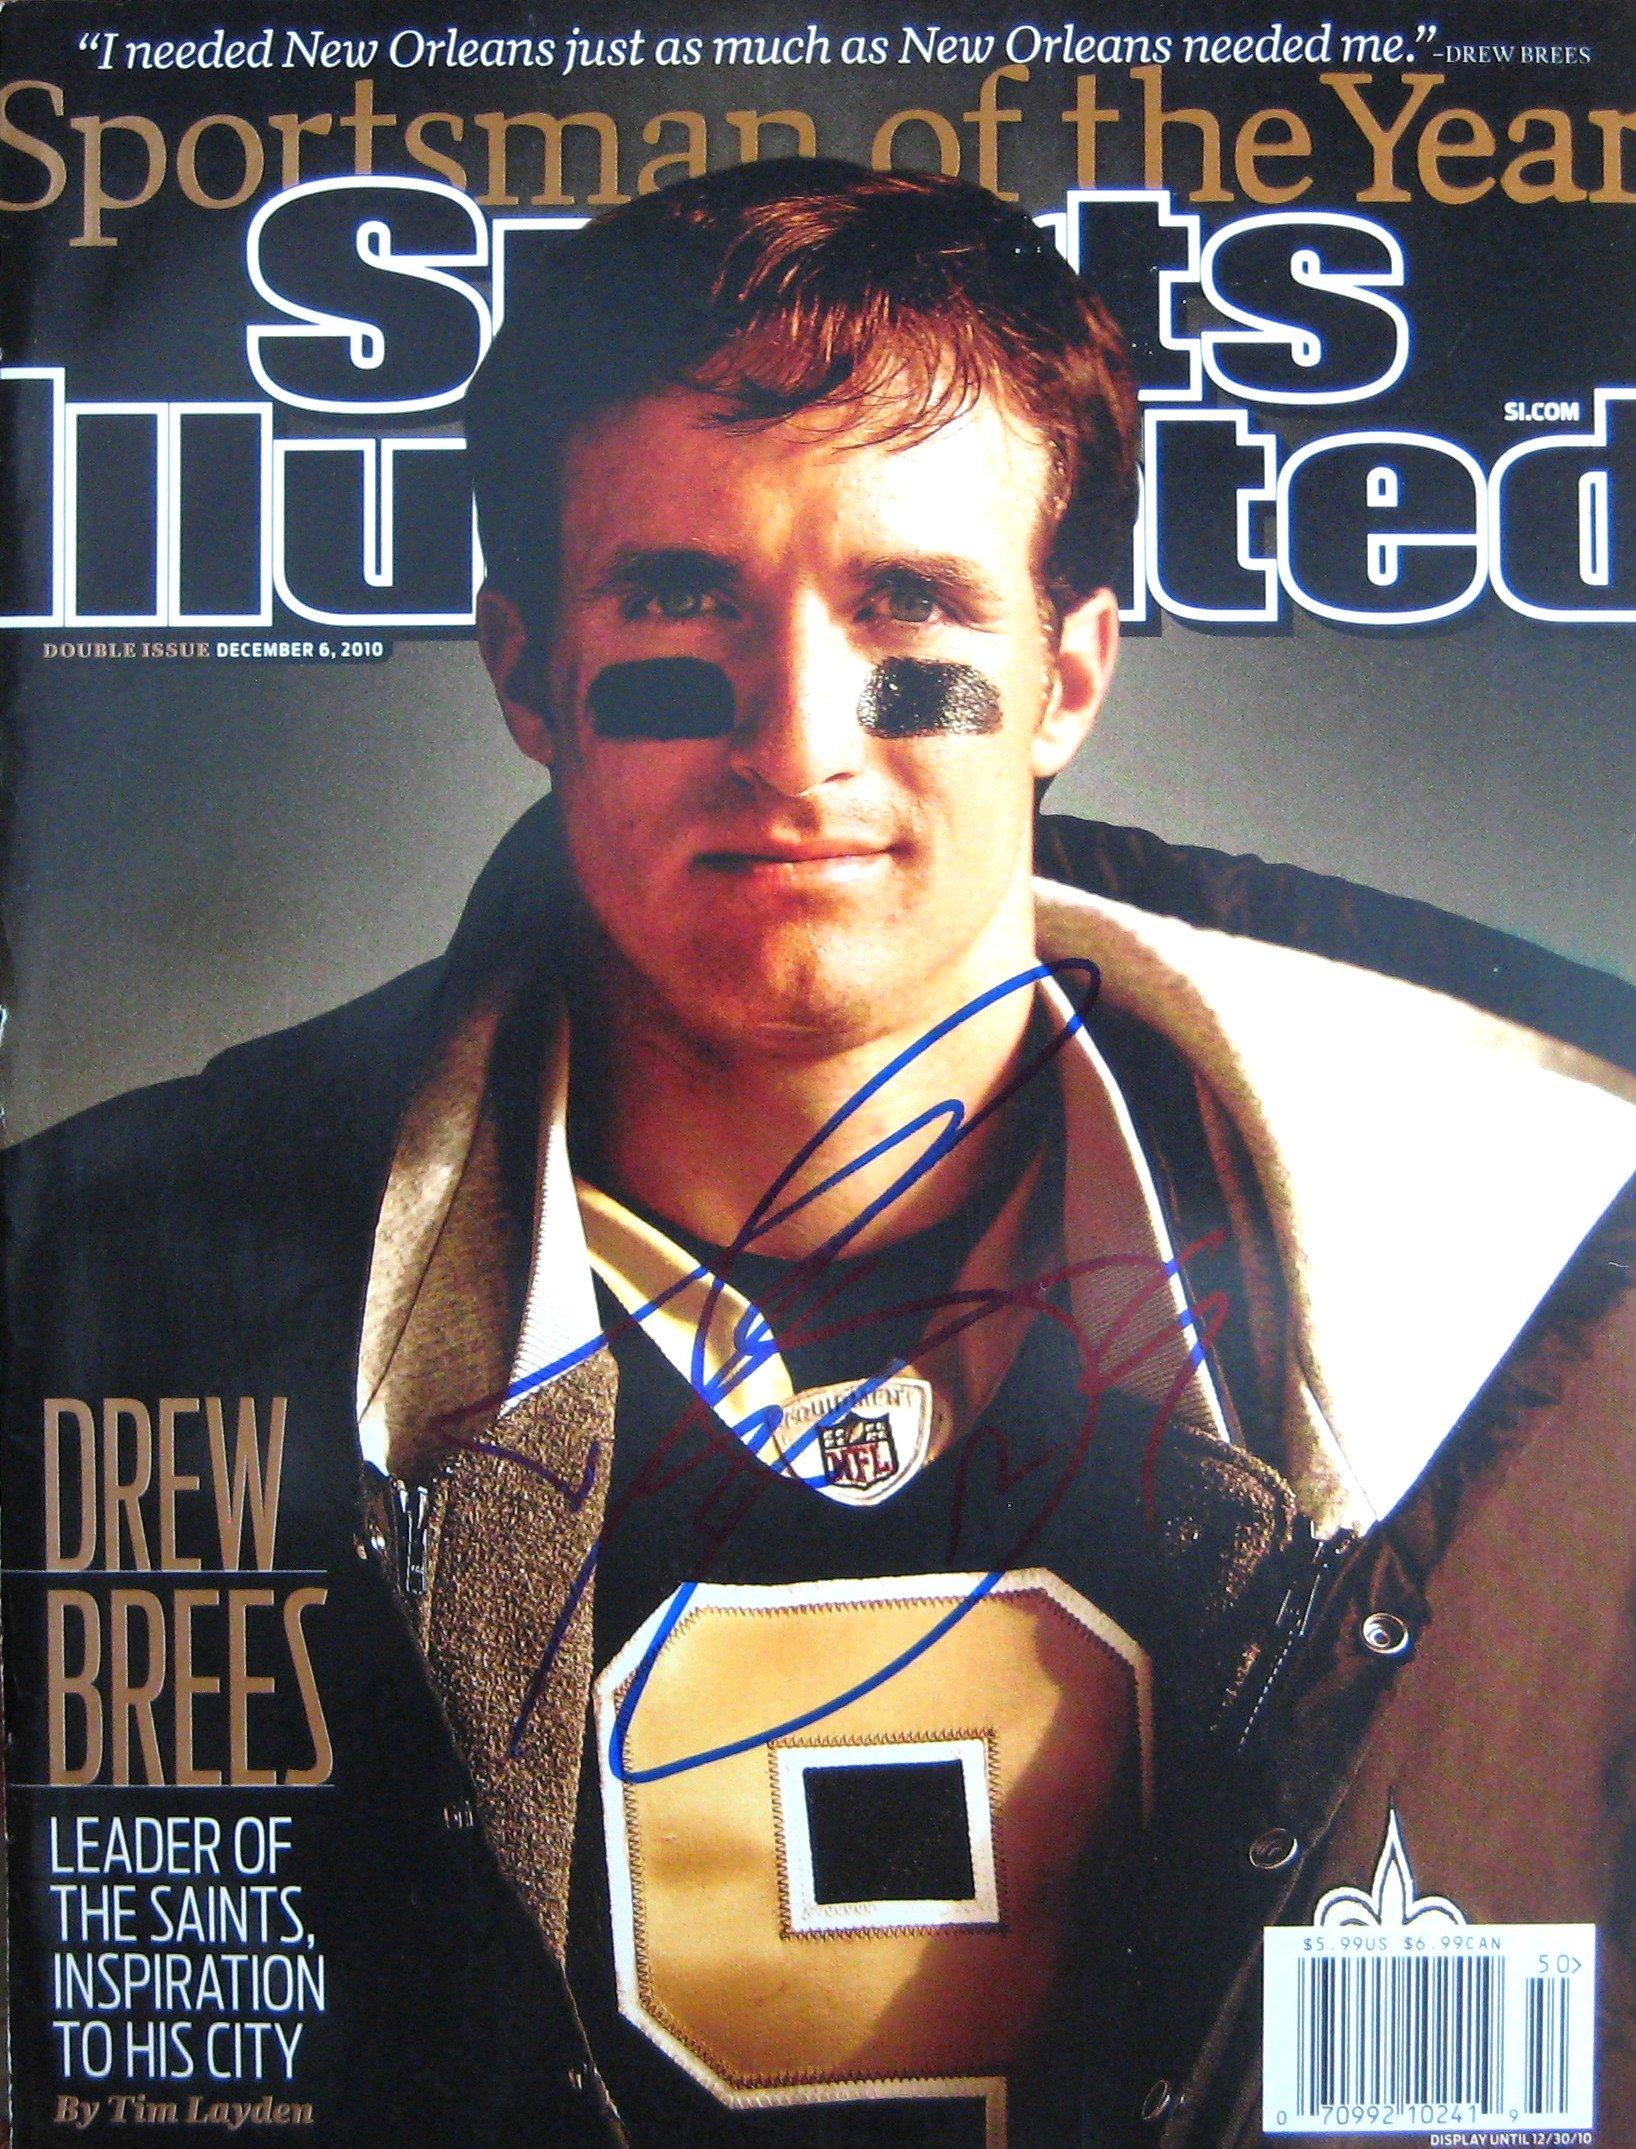 Brees, Drew 12/6/10 autographed magazine